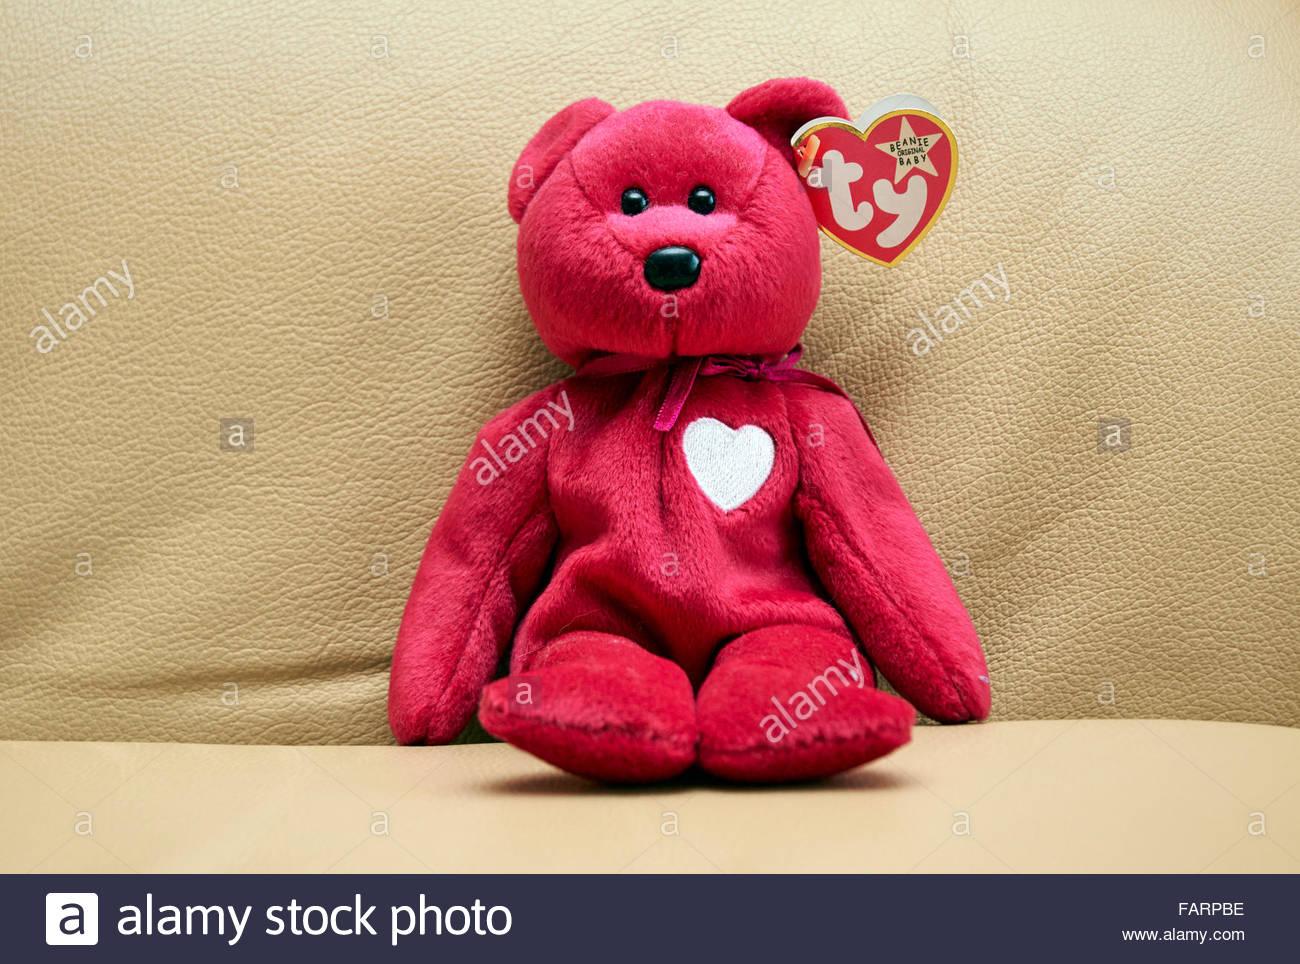 Original Ty Beanie Baby soft toy Stock Photo